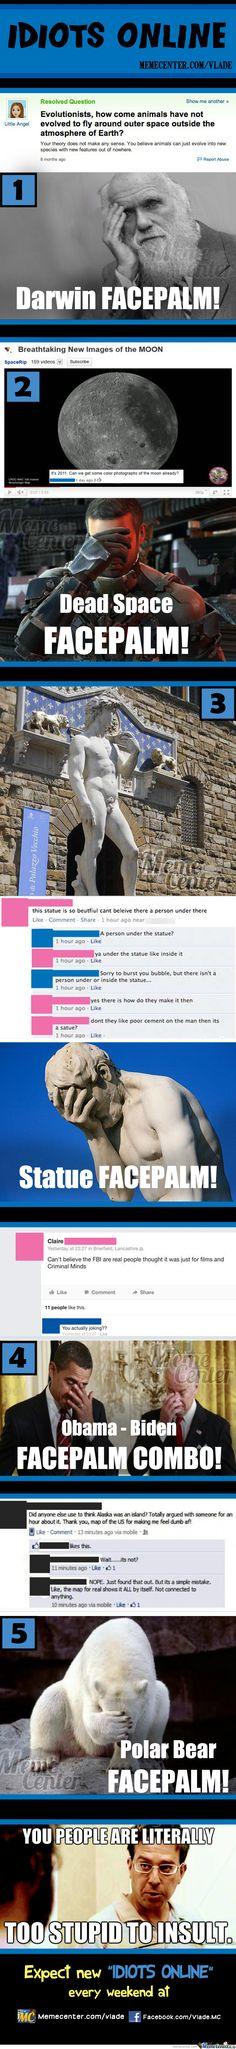 Idiots online 1